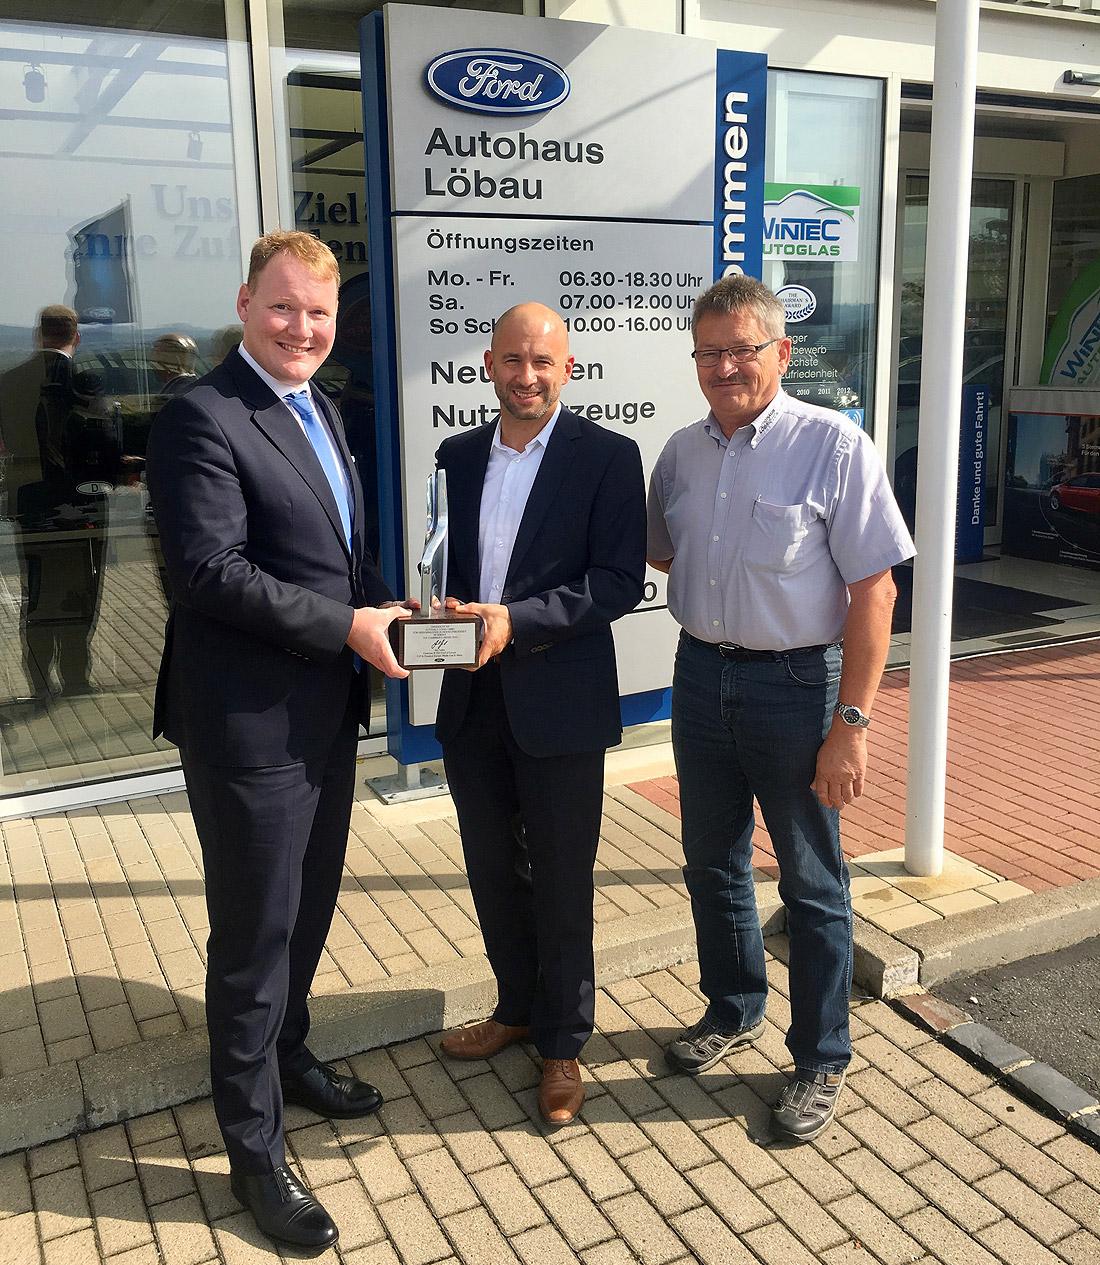 Autohaus Löbau Auszeichnung Ford Chariman's Award 2017